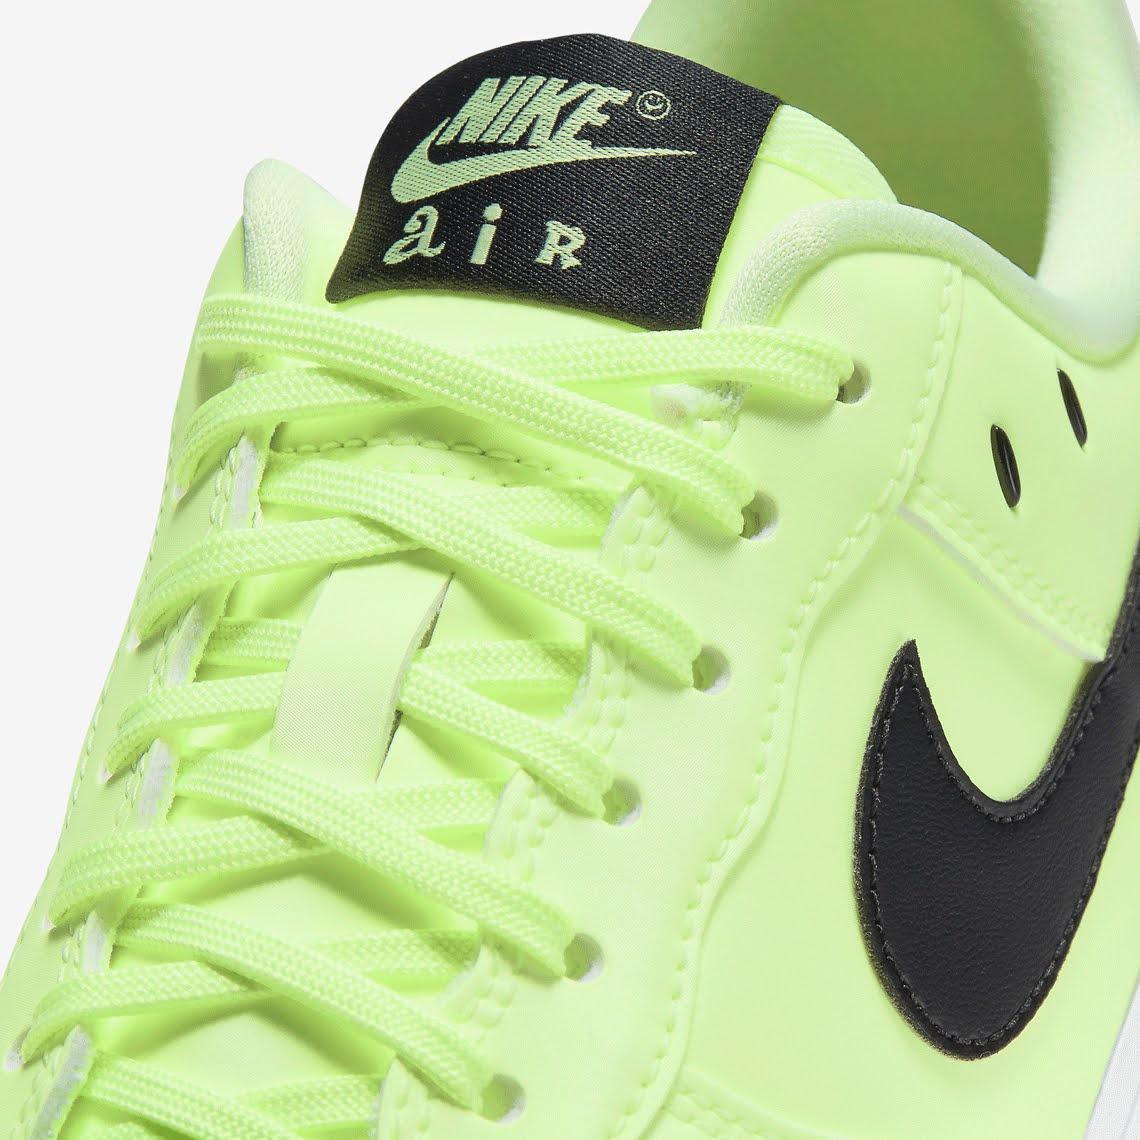 ナイキ エア フォース 1 ハブ ア ナイキ デー グロー イン ザ ダーク グリーン Nike-Air-Force-1-glow-in-the-dark-have-a-nike-day-CT3228-701 shoelace